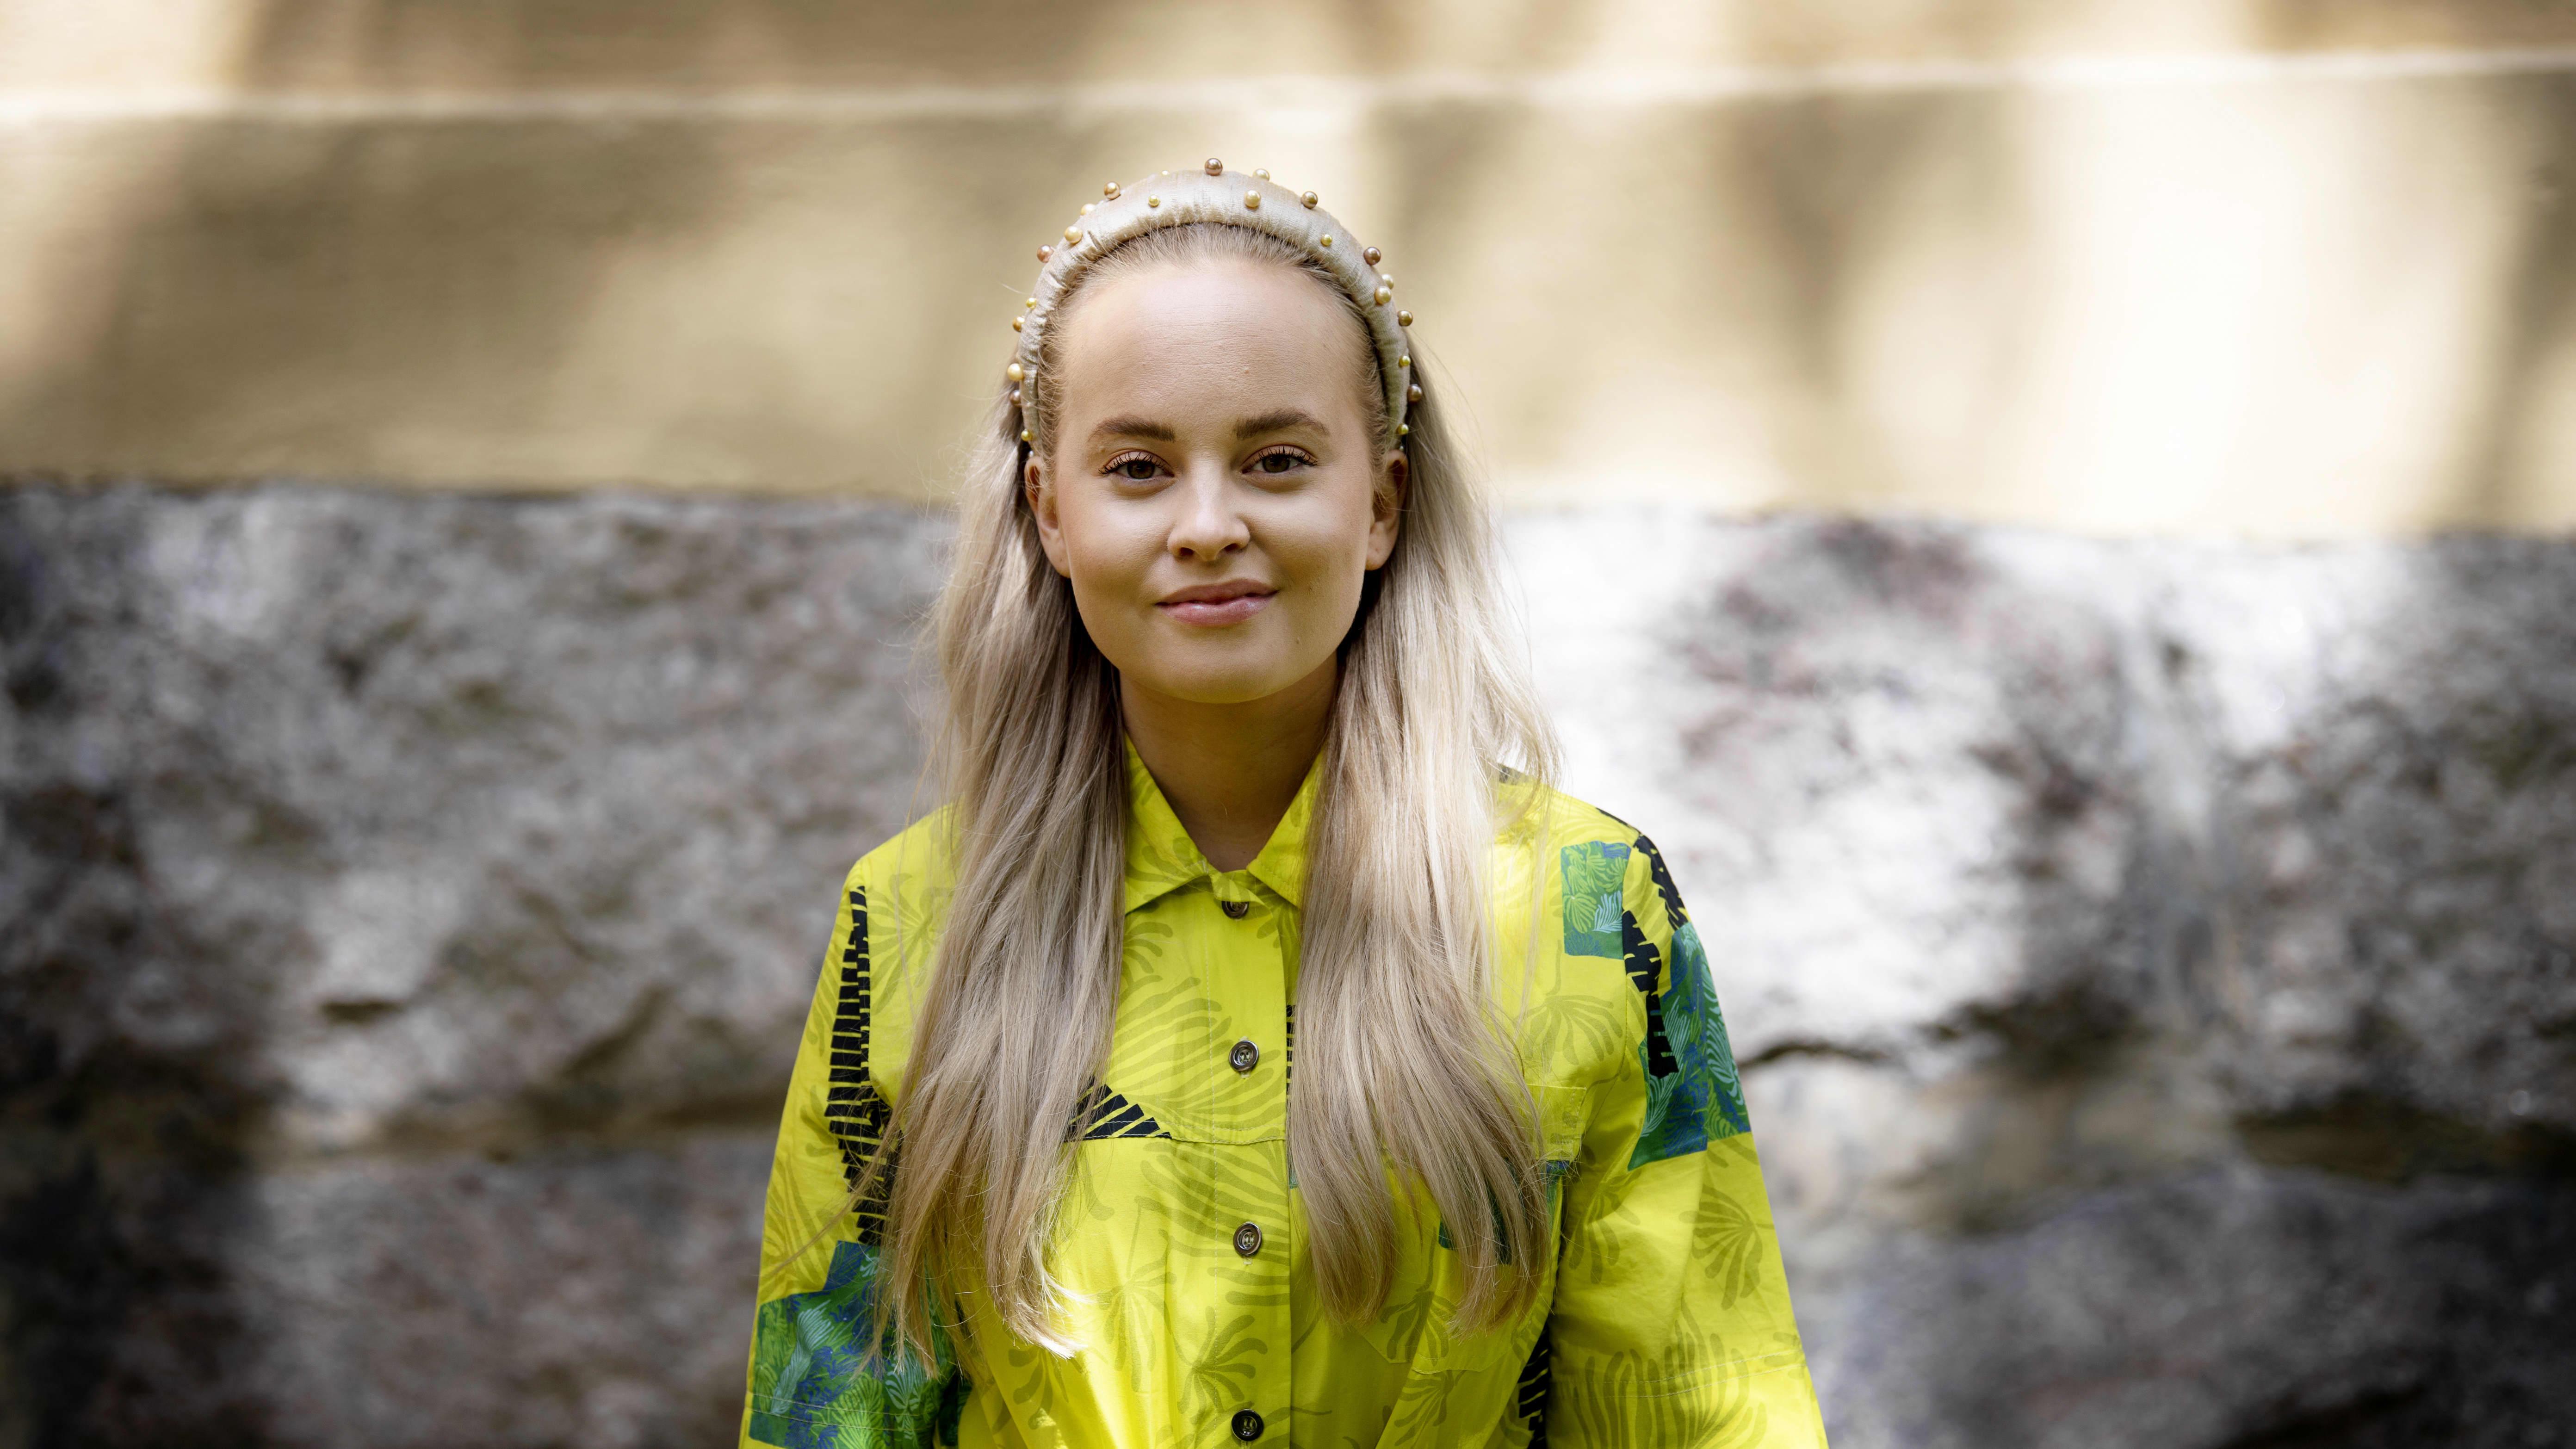 Miisa Rotola-Pukkila